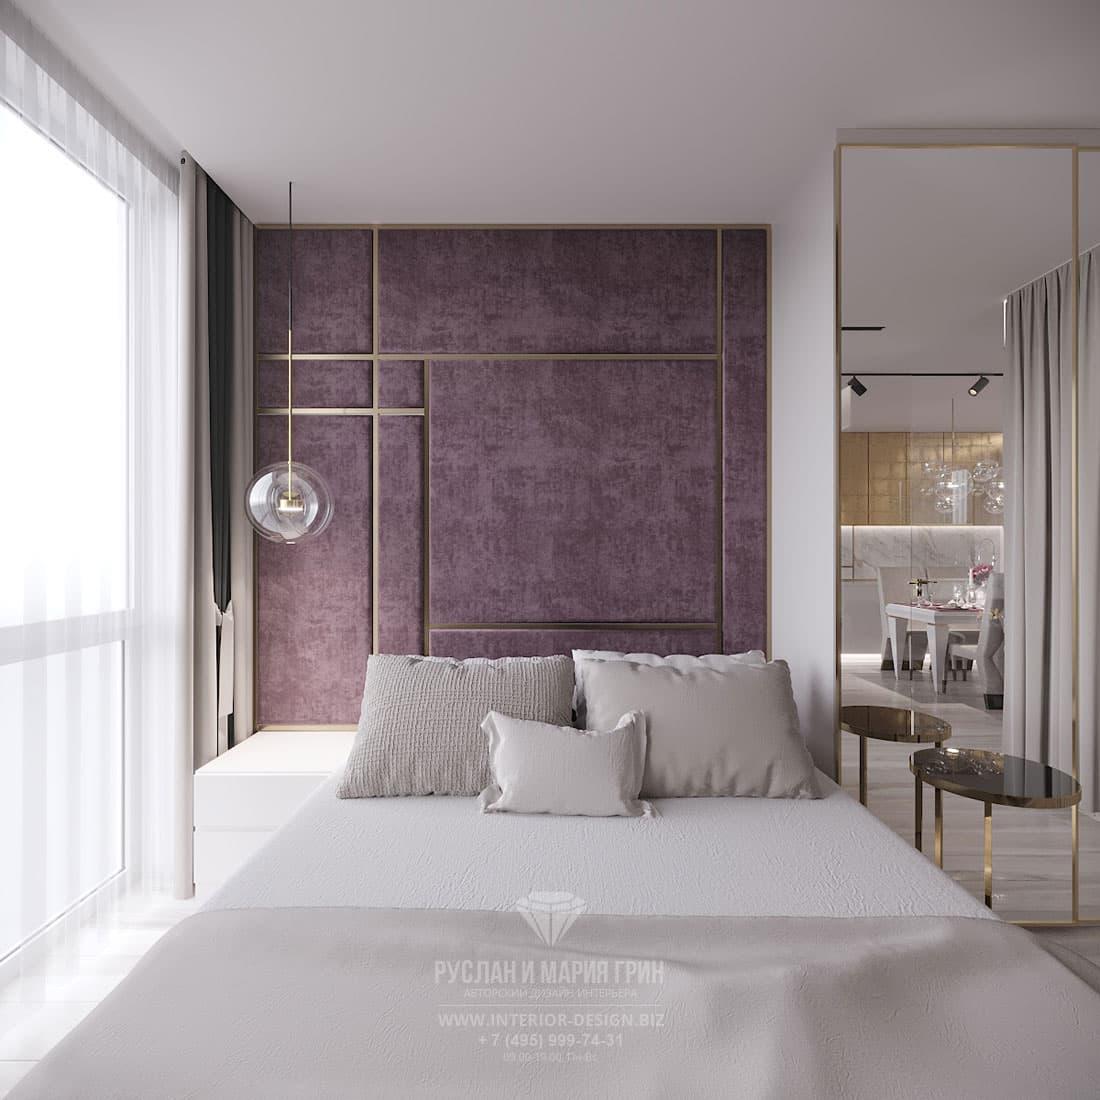 Интерьер спальни в квартире в современном стиле